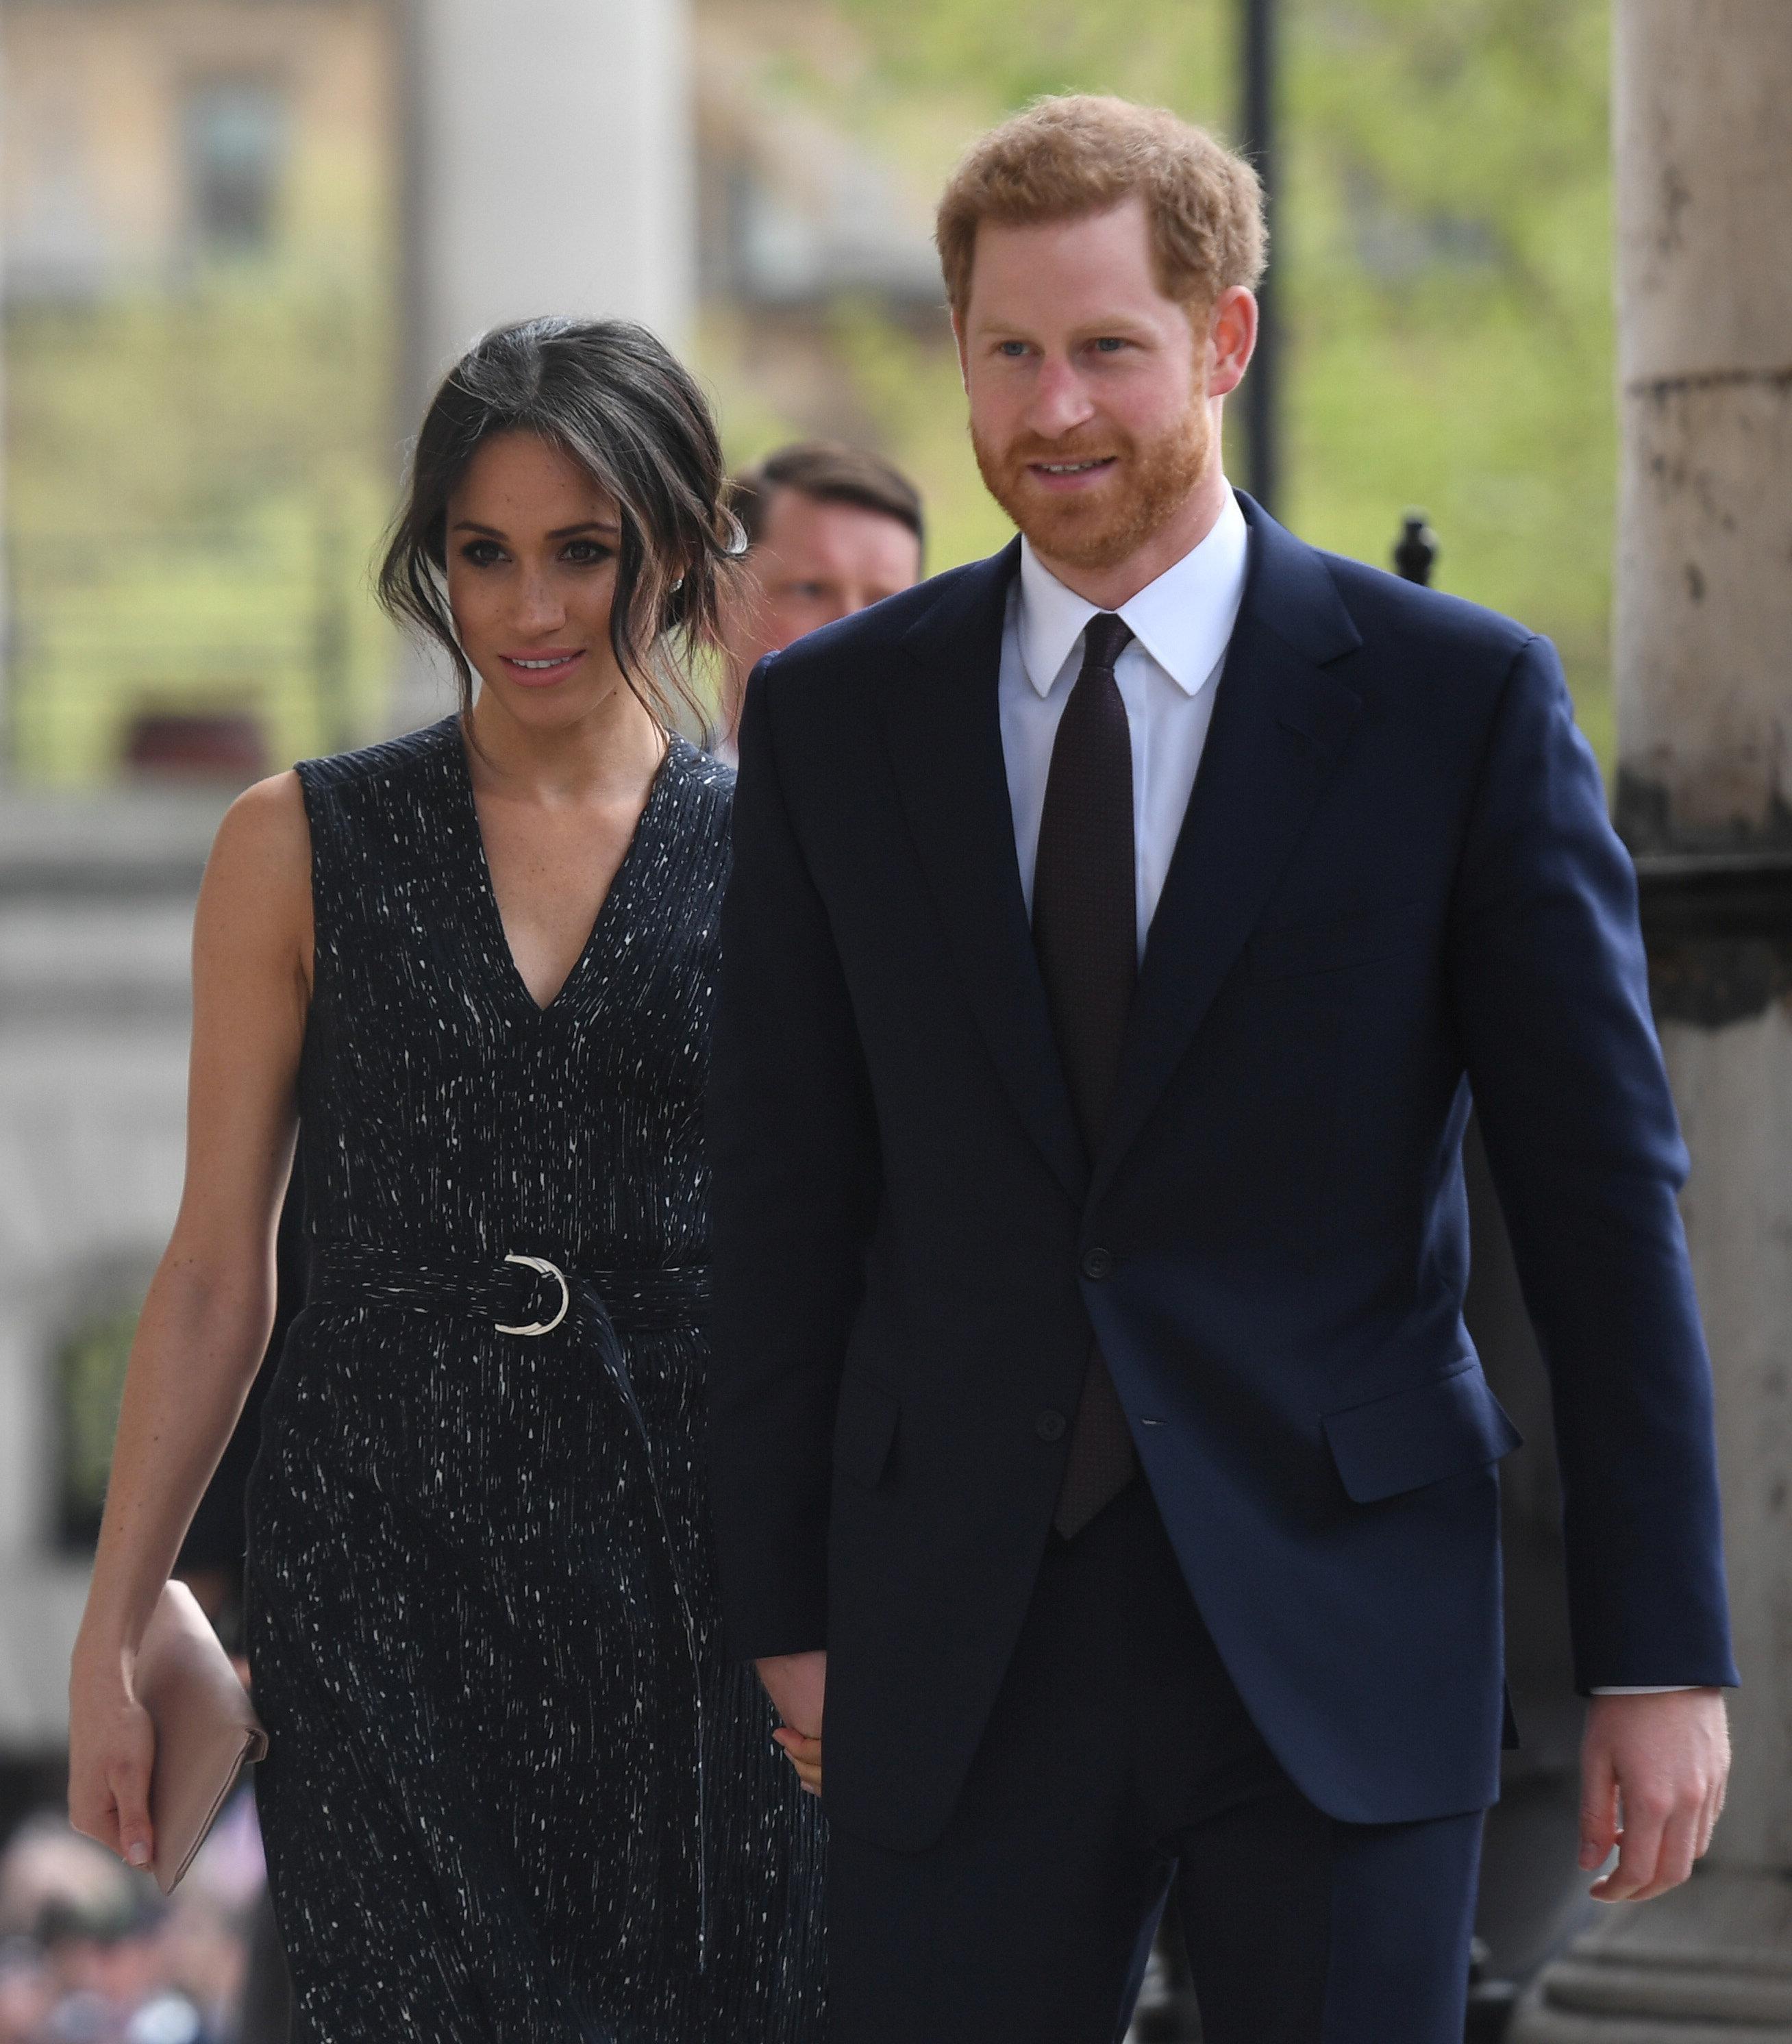 Was Obdachlose durchmachen müssen, damit Prinz Harry und Meghan eine makellose Hochzeit haben